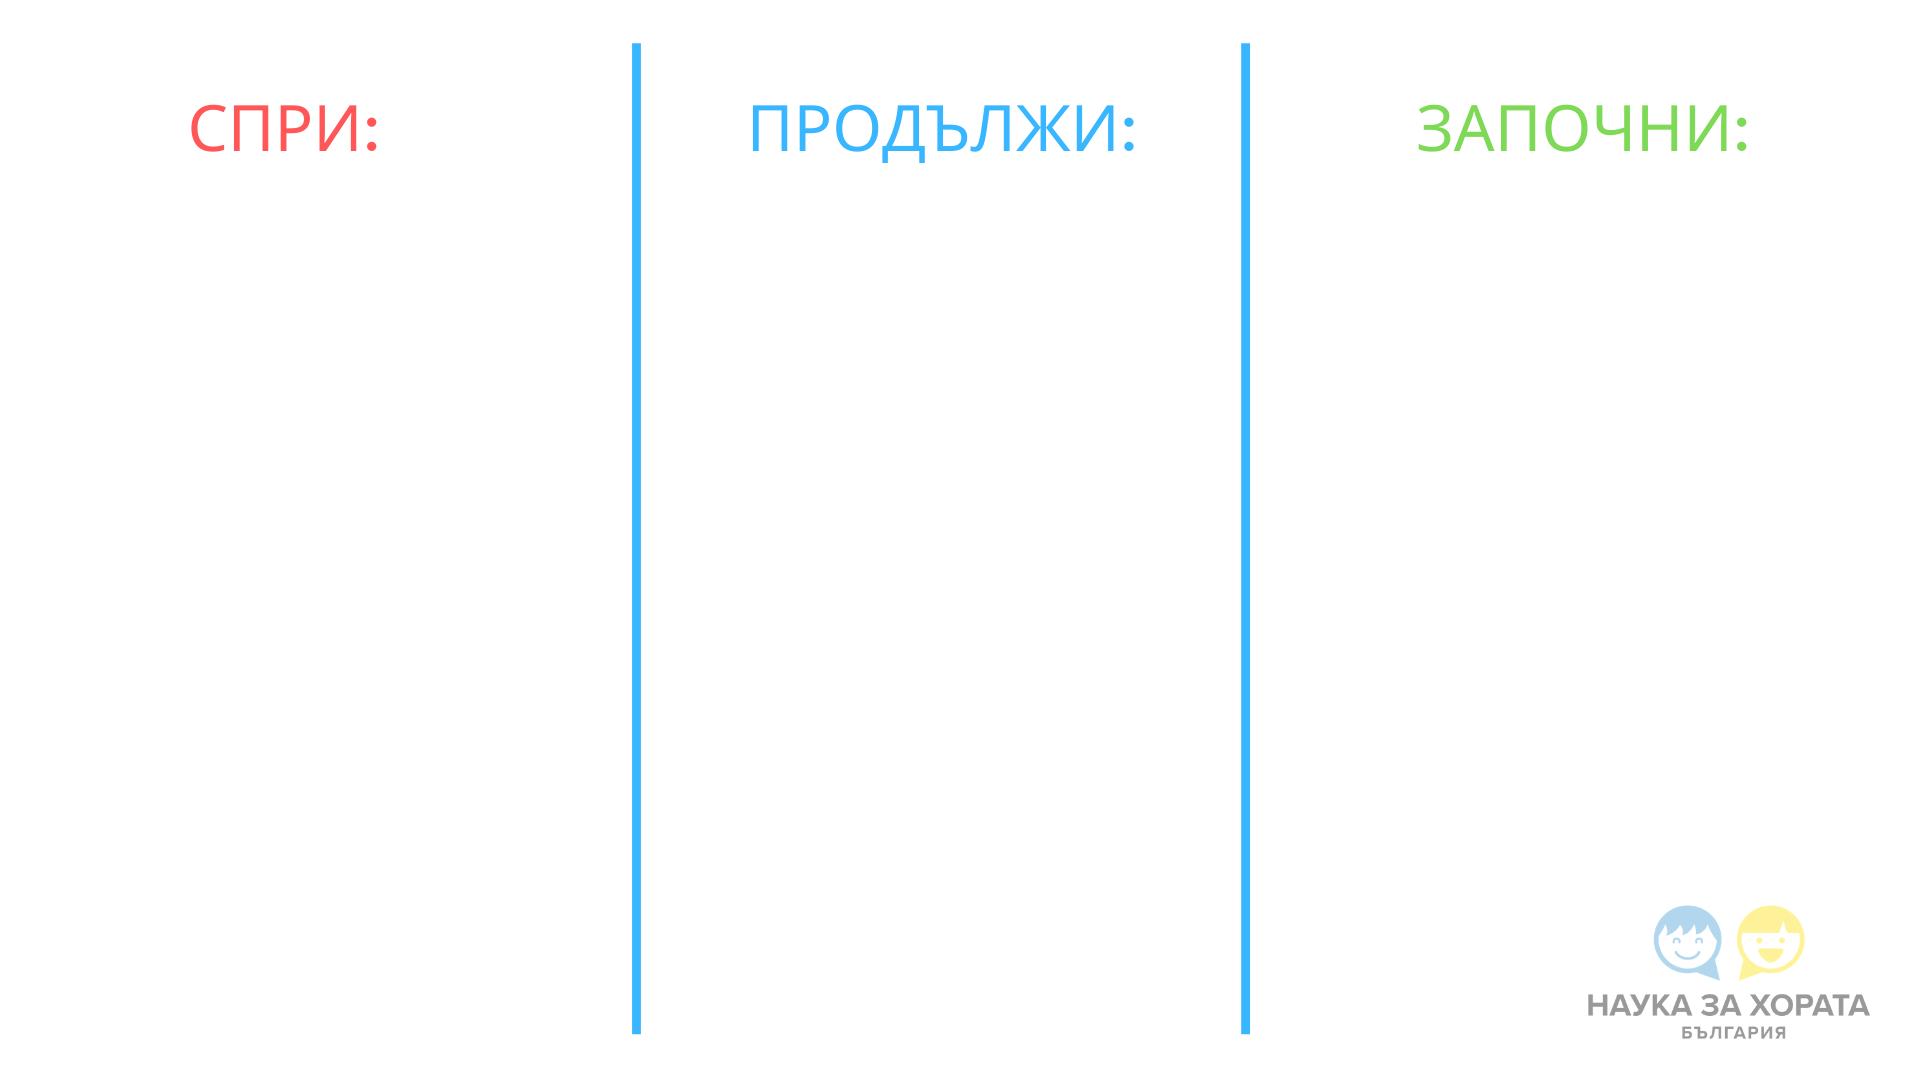 таблица планиране на времето